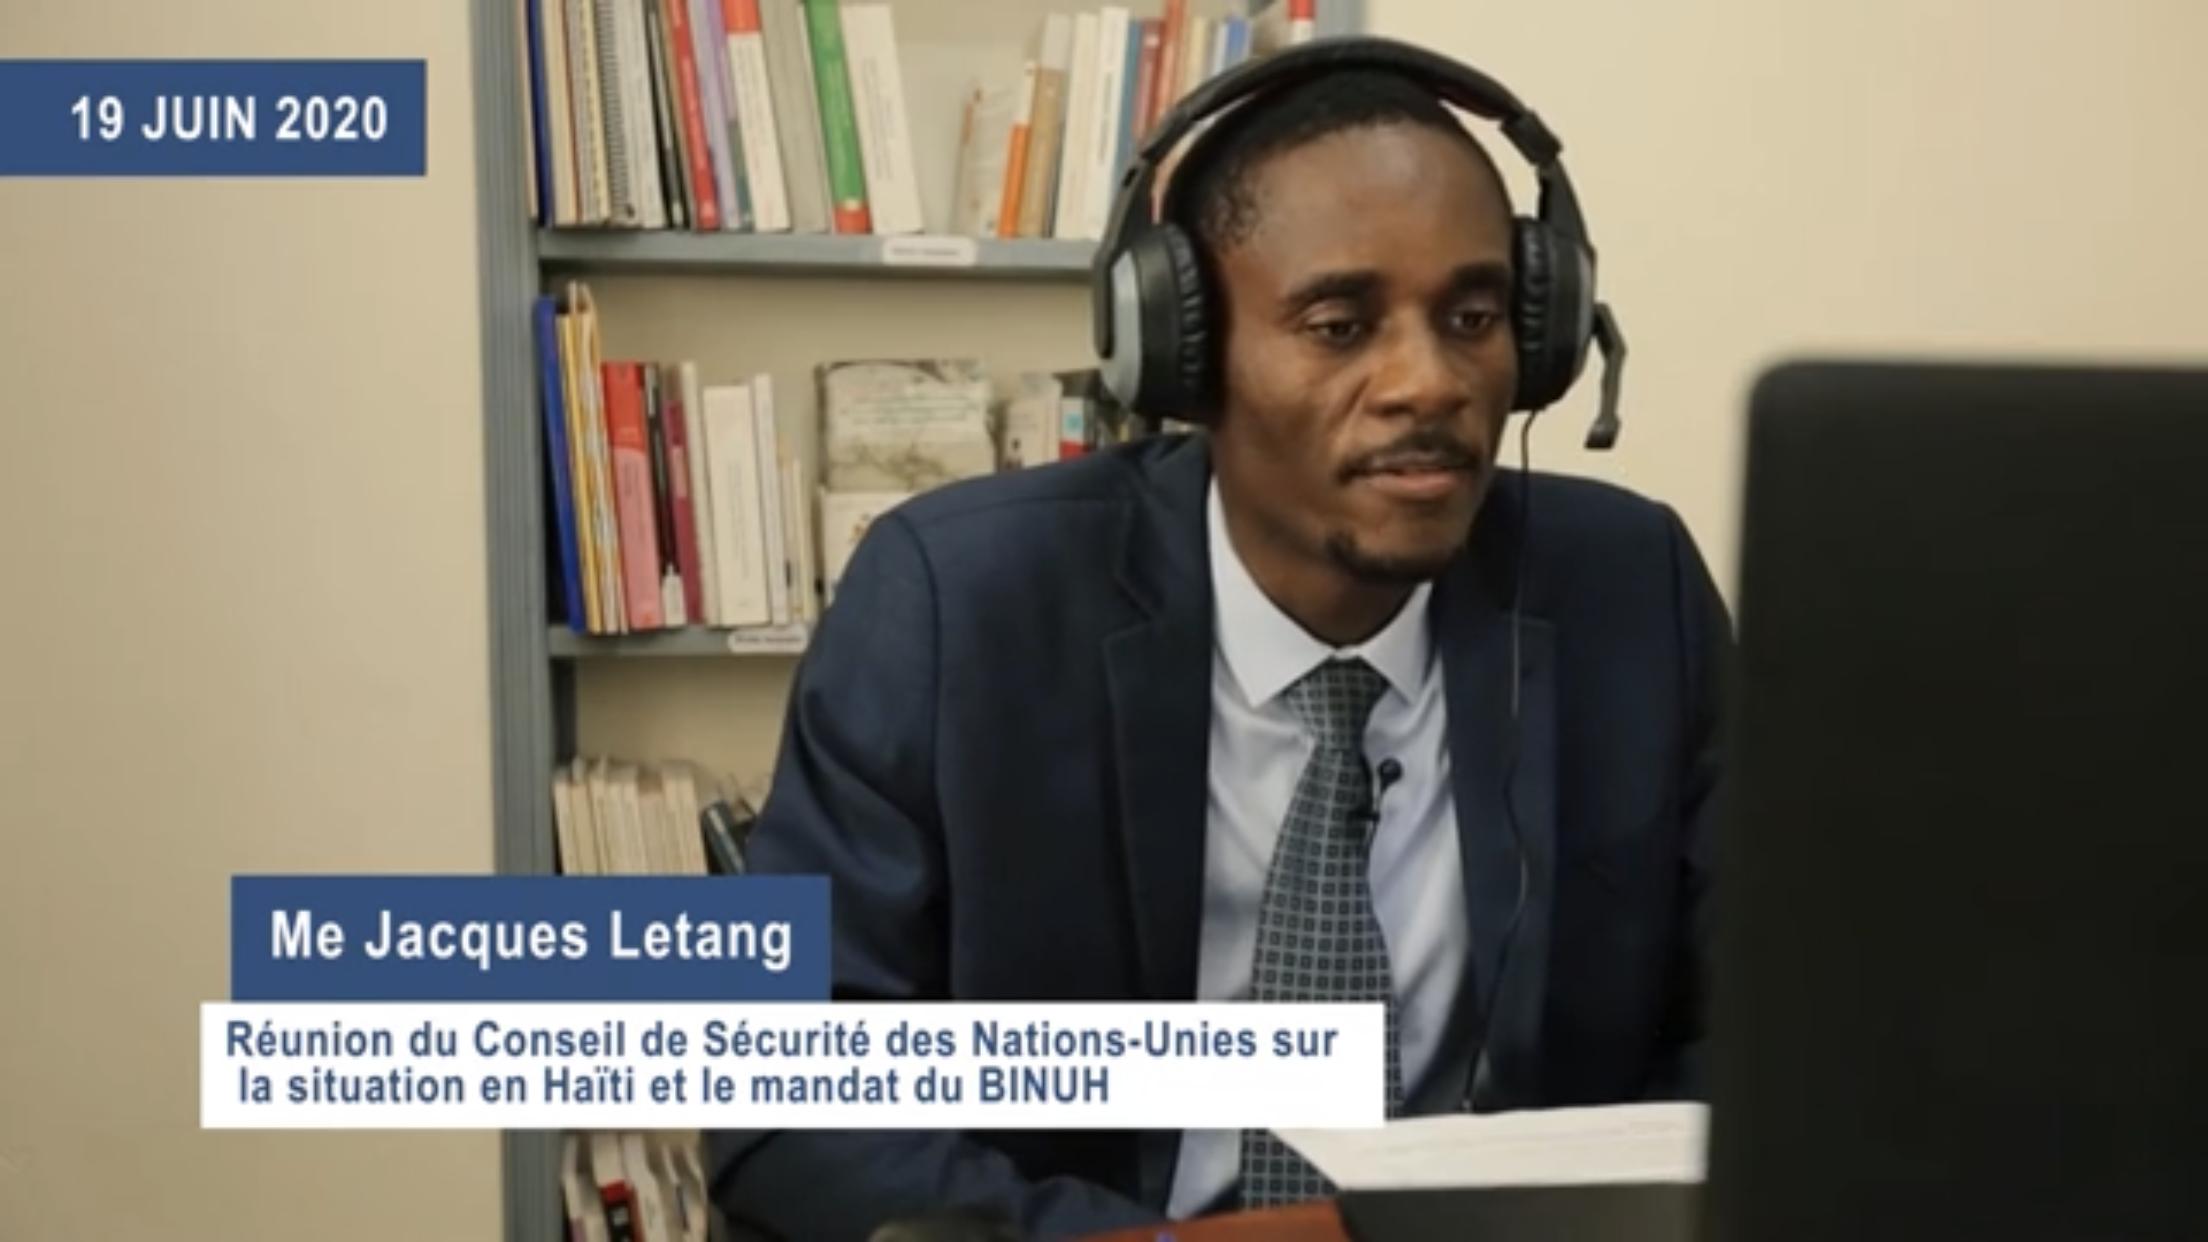 Devant l'ONU, Jacques LETANG remet en question l'appui international aux Droits Humains en Haïti